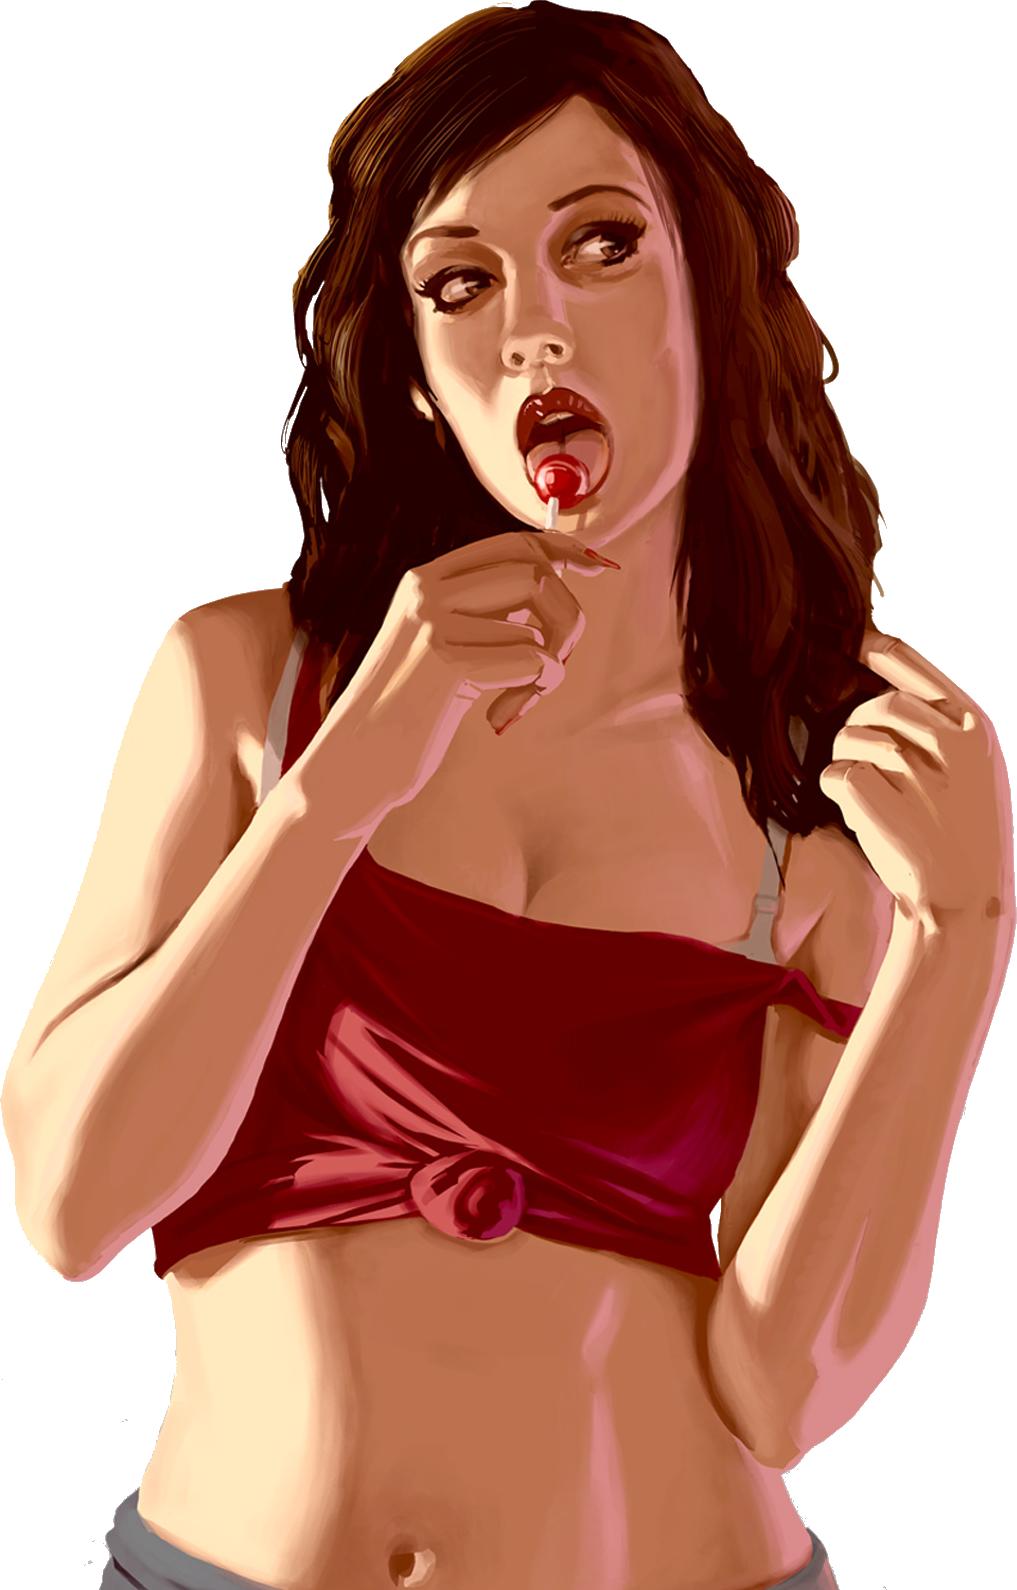 wie kann man in gta san andreas prostituierte wie ist es als prostituierte